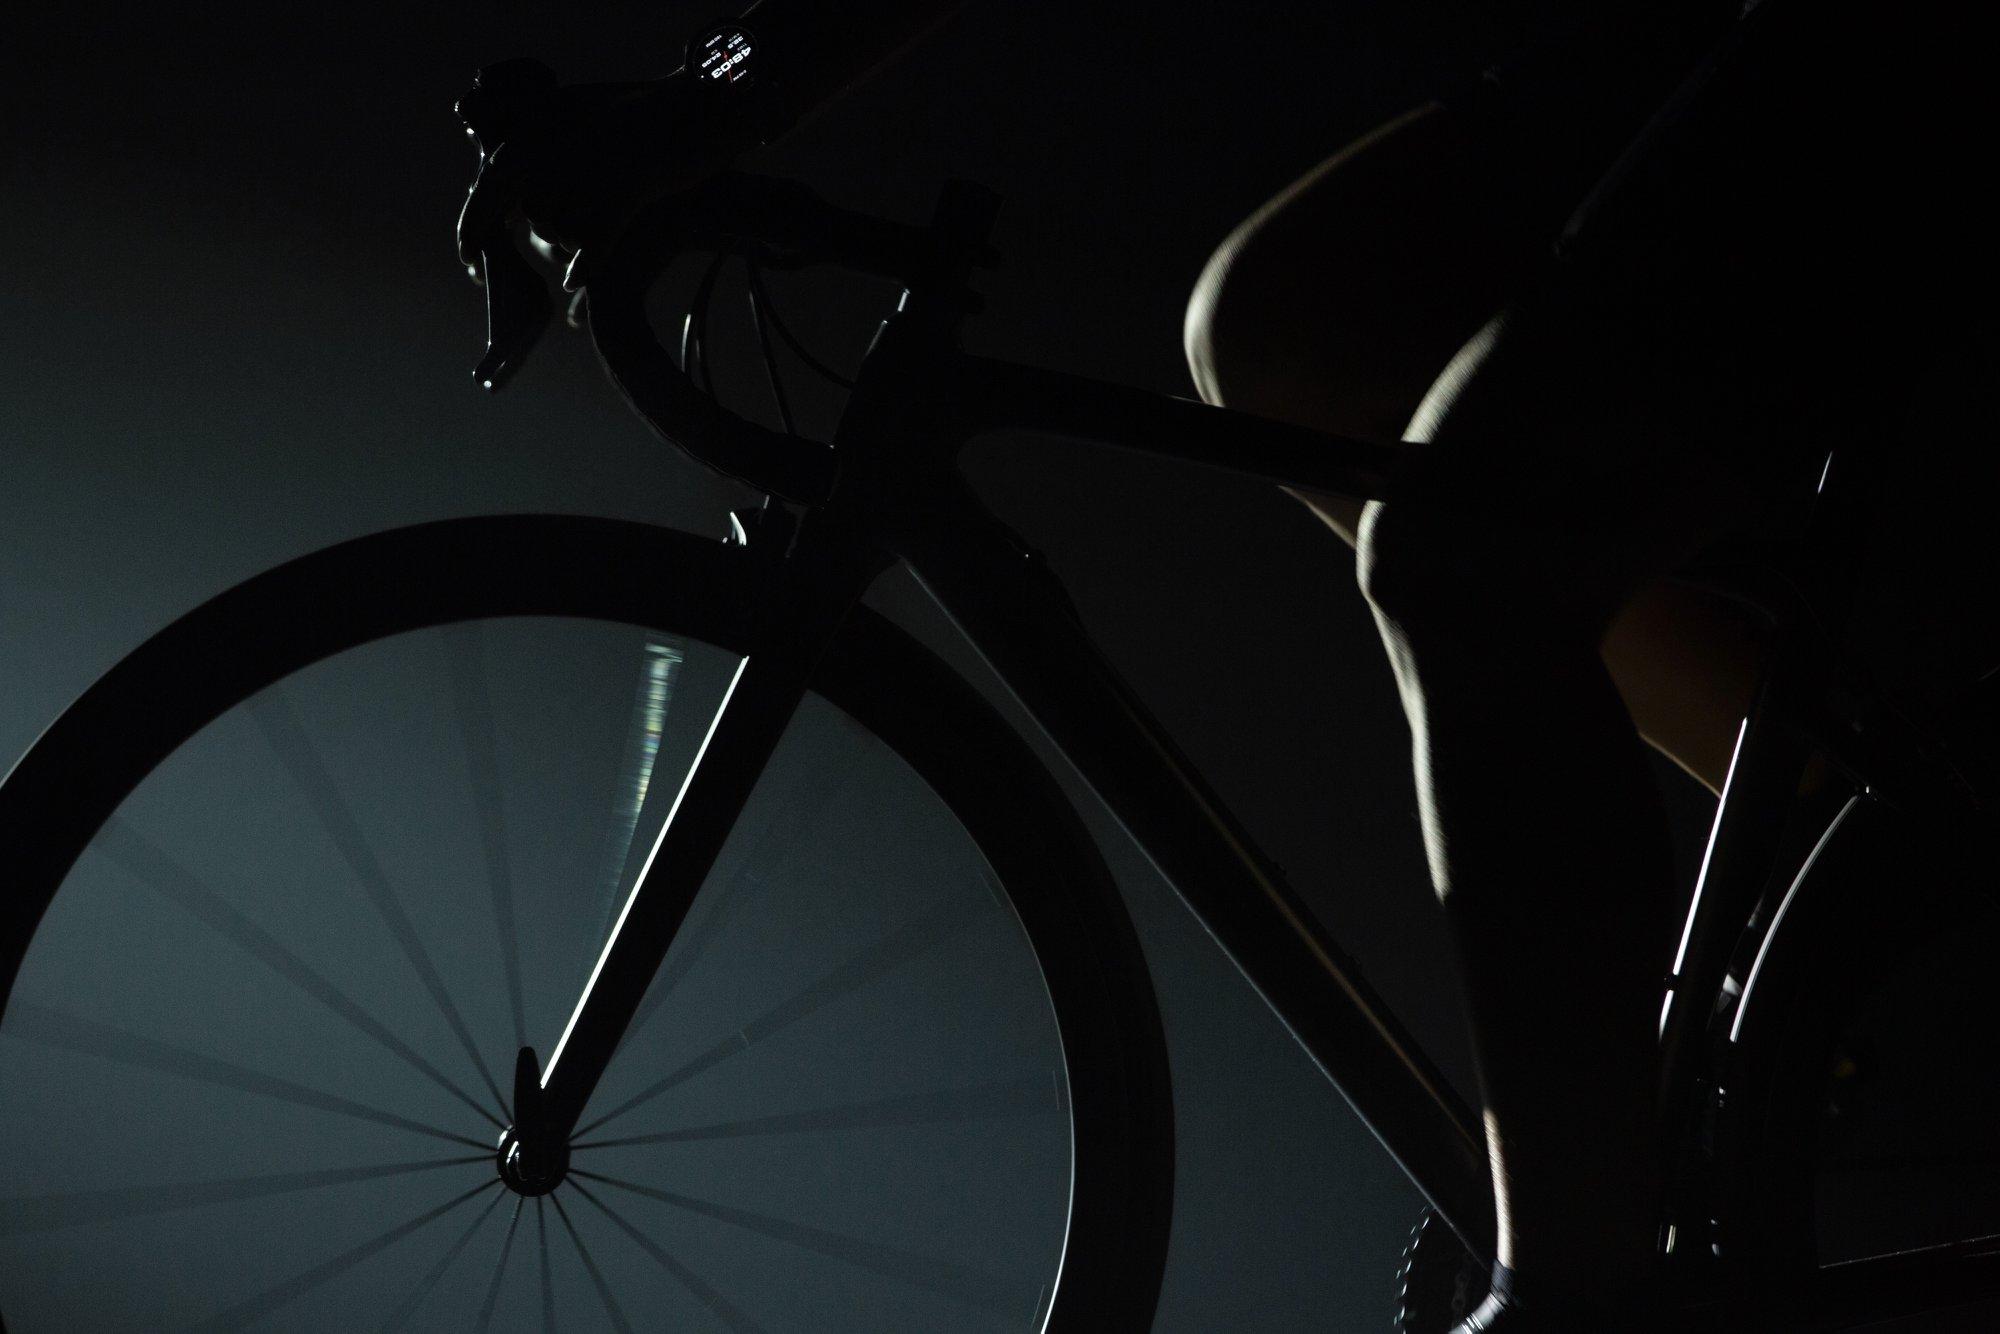 Nuevo TAG Heuer Connected - tercera generacion-en bicicleta